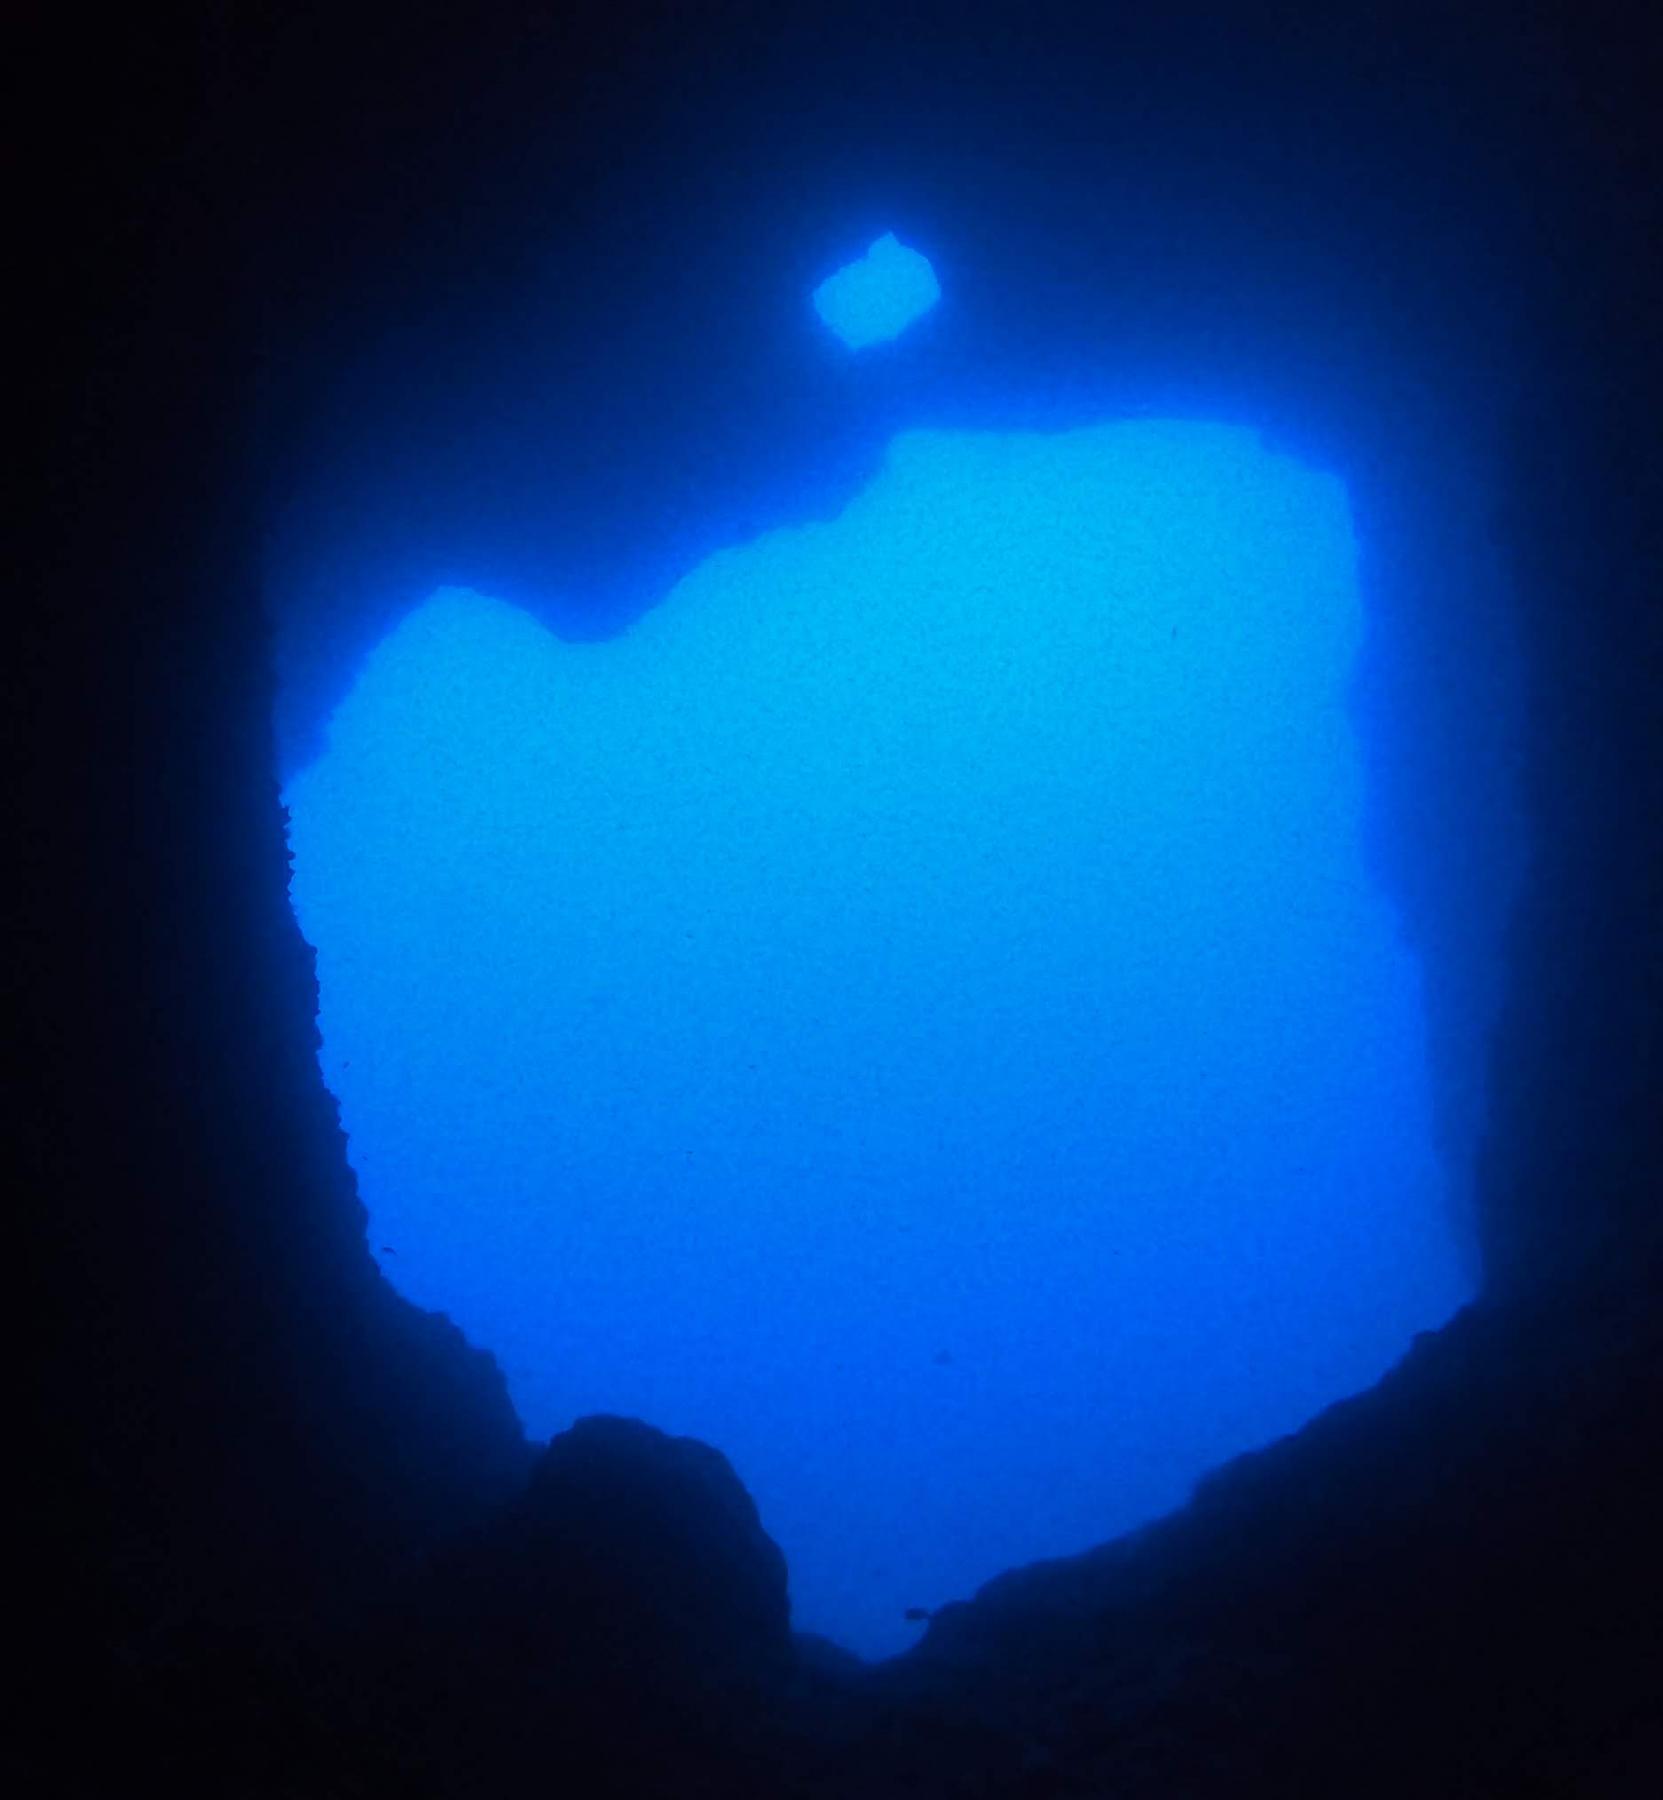 Cave Exit [Adam Sant]